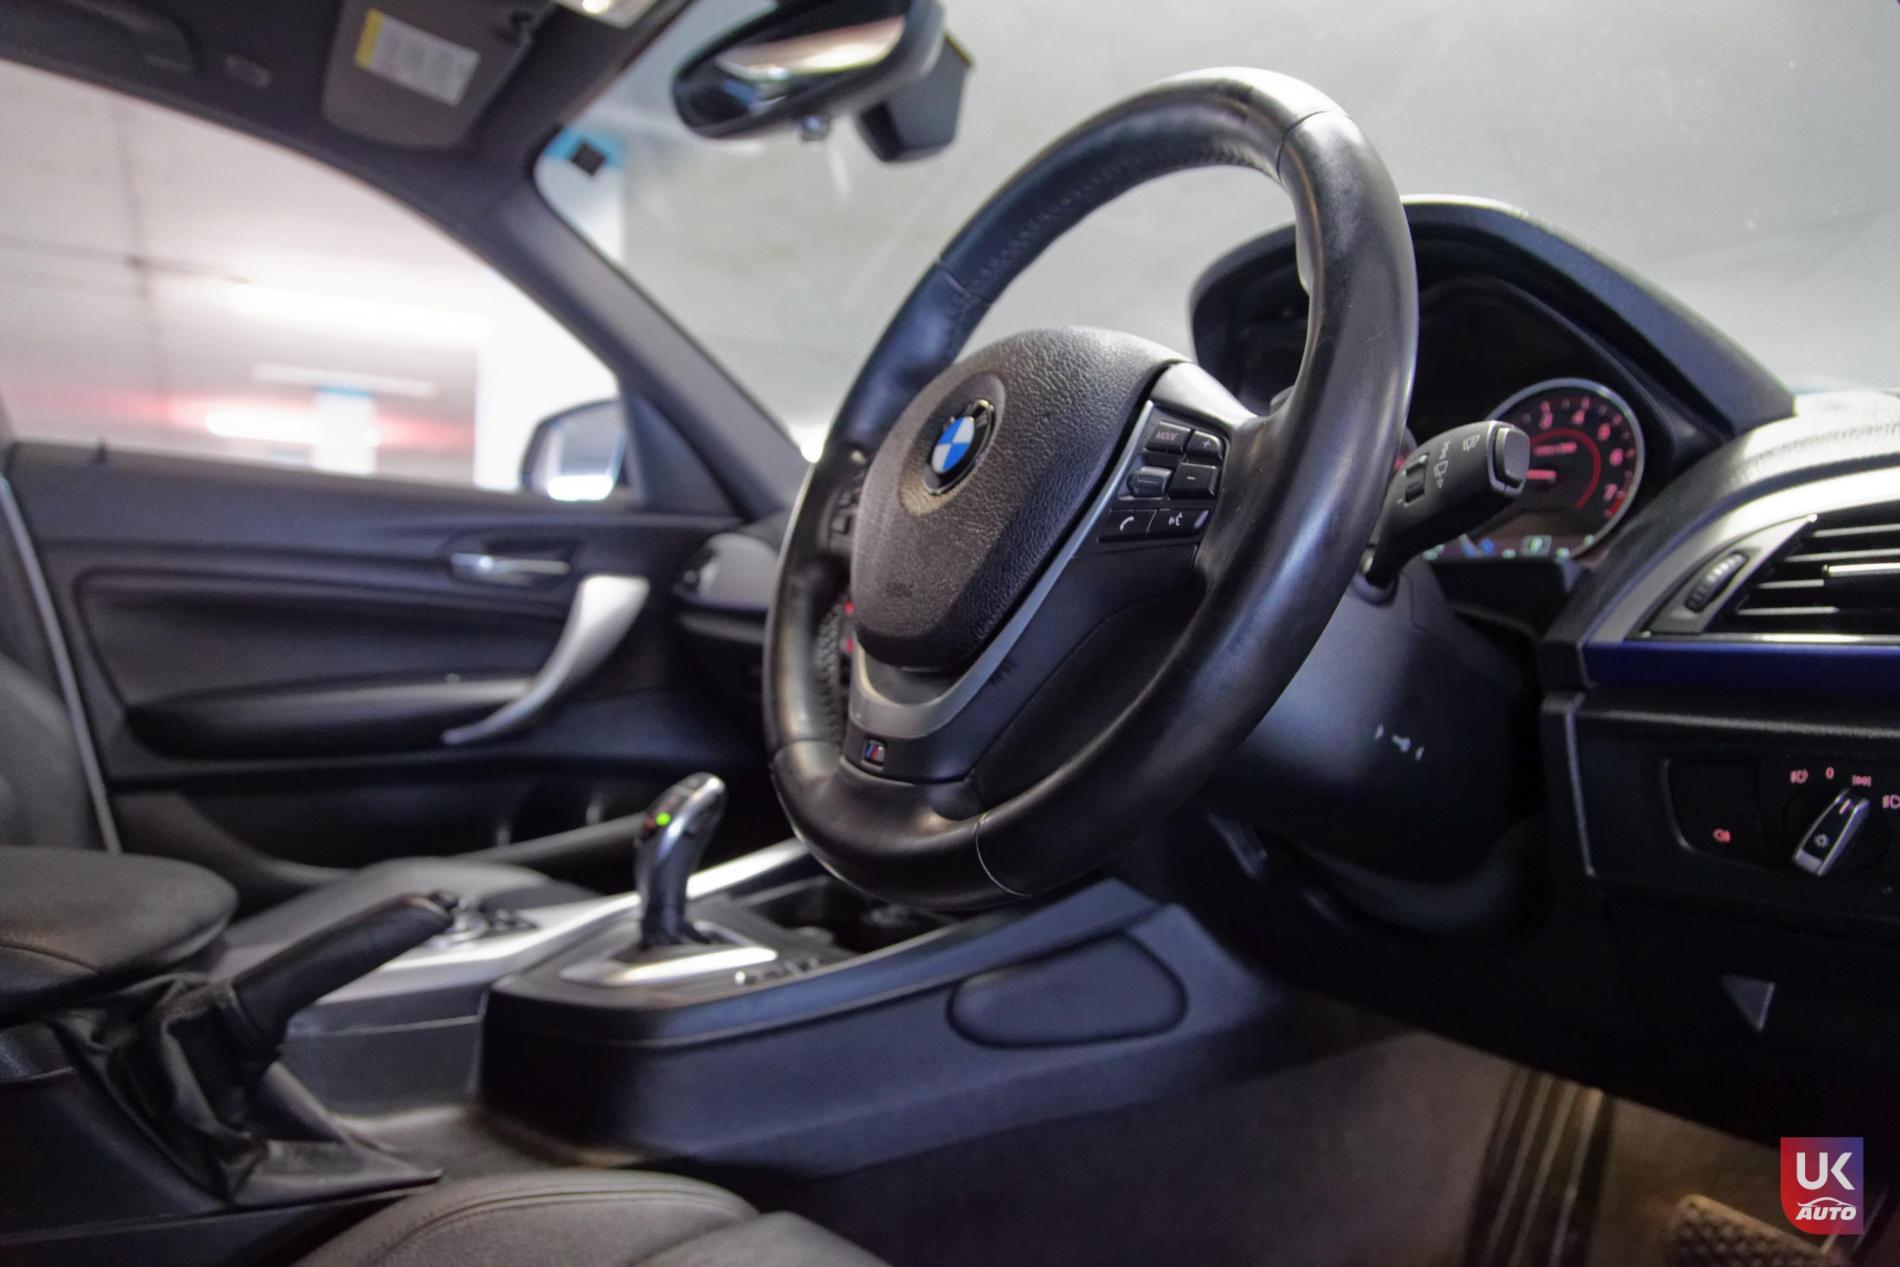 BMW RHD BMW VOLANT A DROITE IMPORT BMW M135i RHD PARFAIT BMW OCCASION POUR NOTRE CLIENT SEBASTIEN TOUTES NOS FELICITATIONS10 - BMW RHD BMW VOLANT A DROITE IMPORT BMW M135i RHD PARFAIT BMW OCCASION POUR NOTRE CLIENT SEBASTIEN TOUTES NOS FELICITATIONS